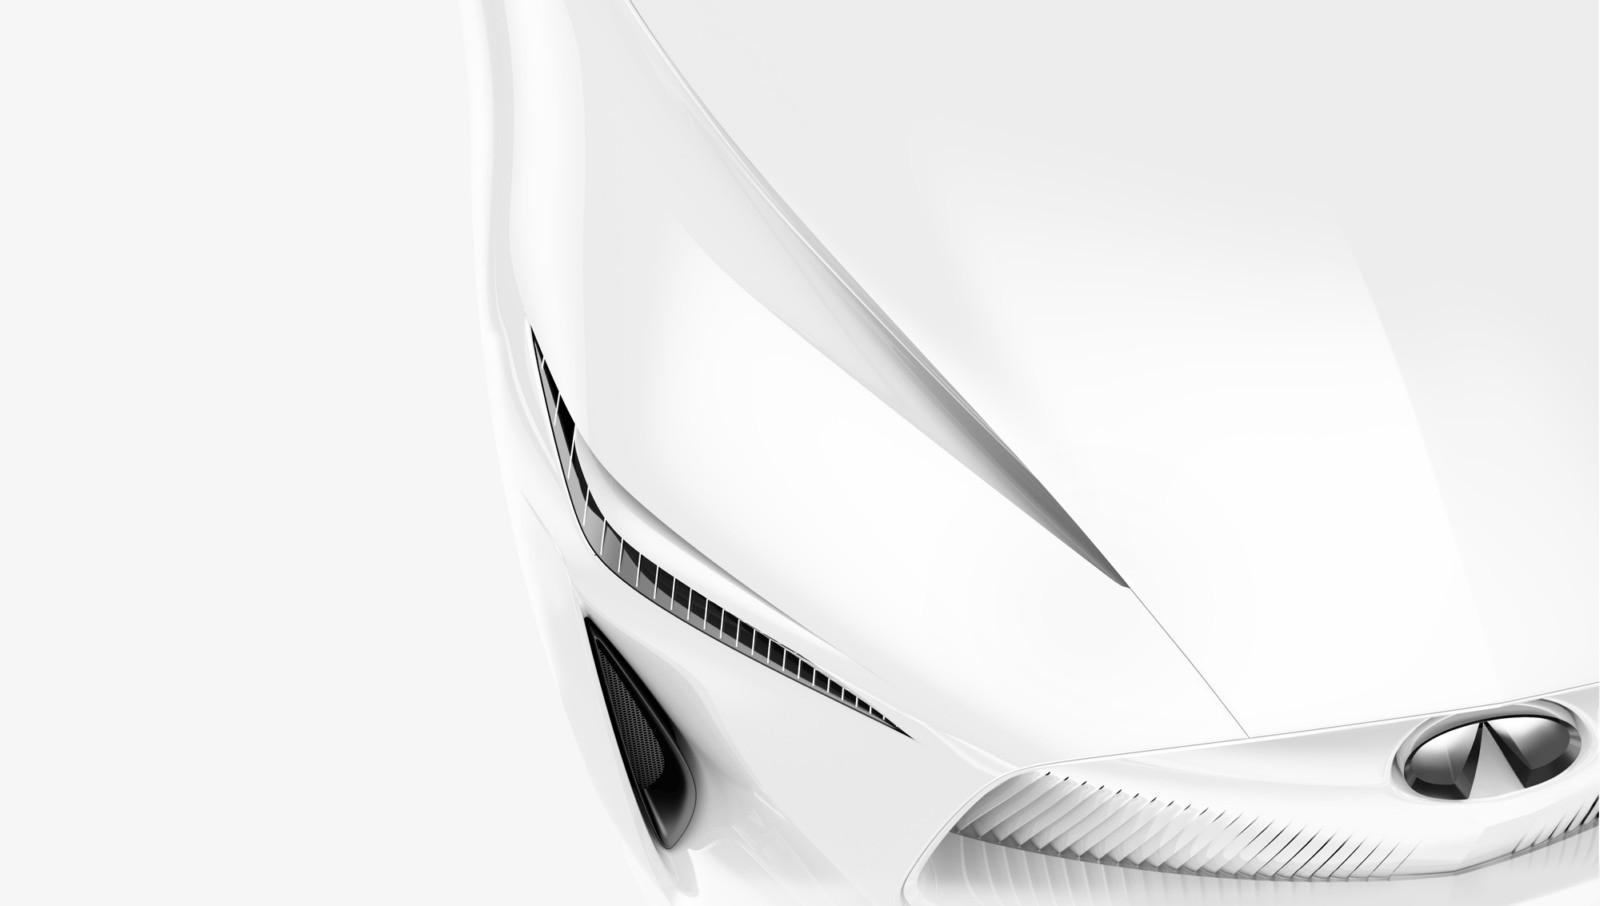 INFINITI_NAIAS_2018_Concept-Car[1]